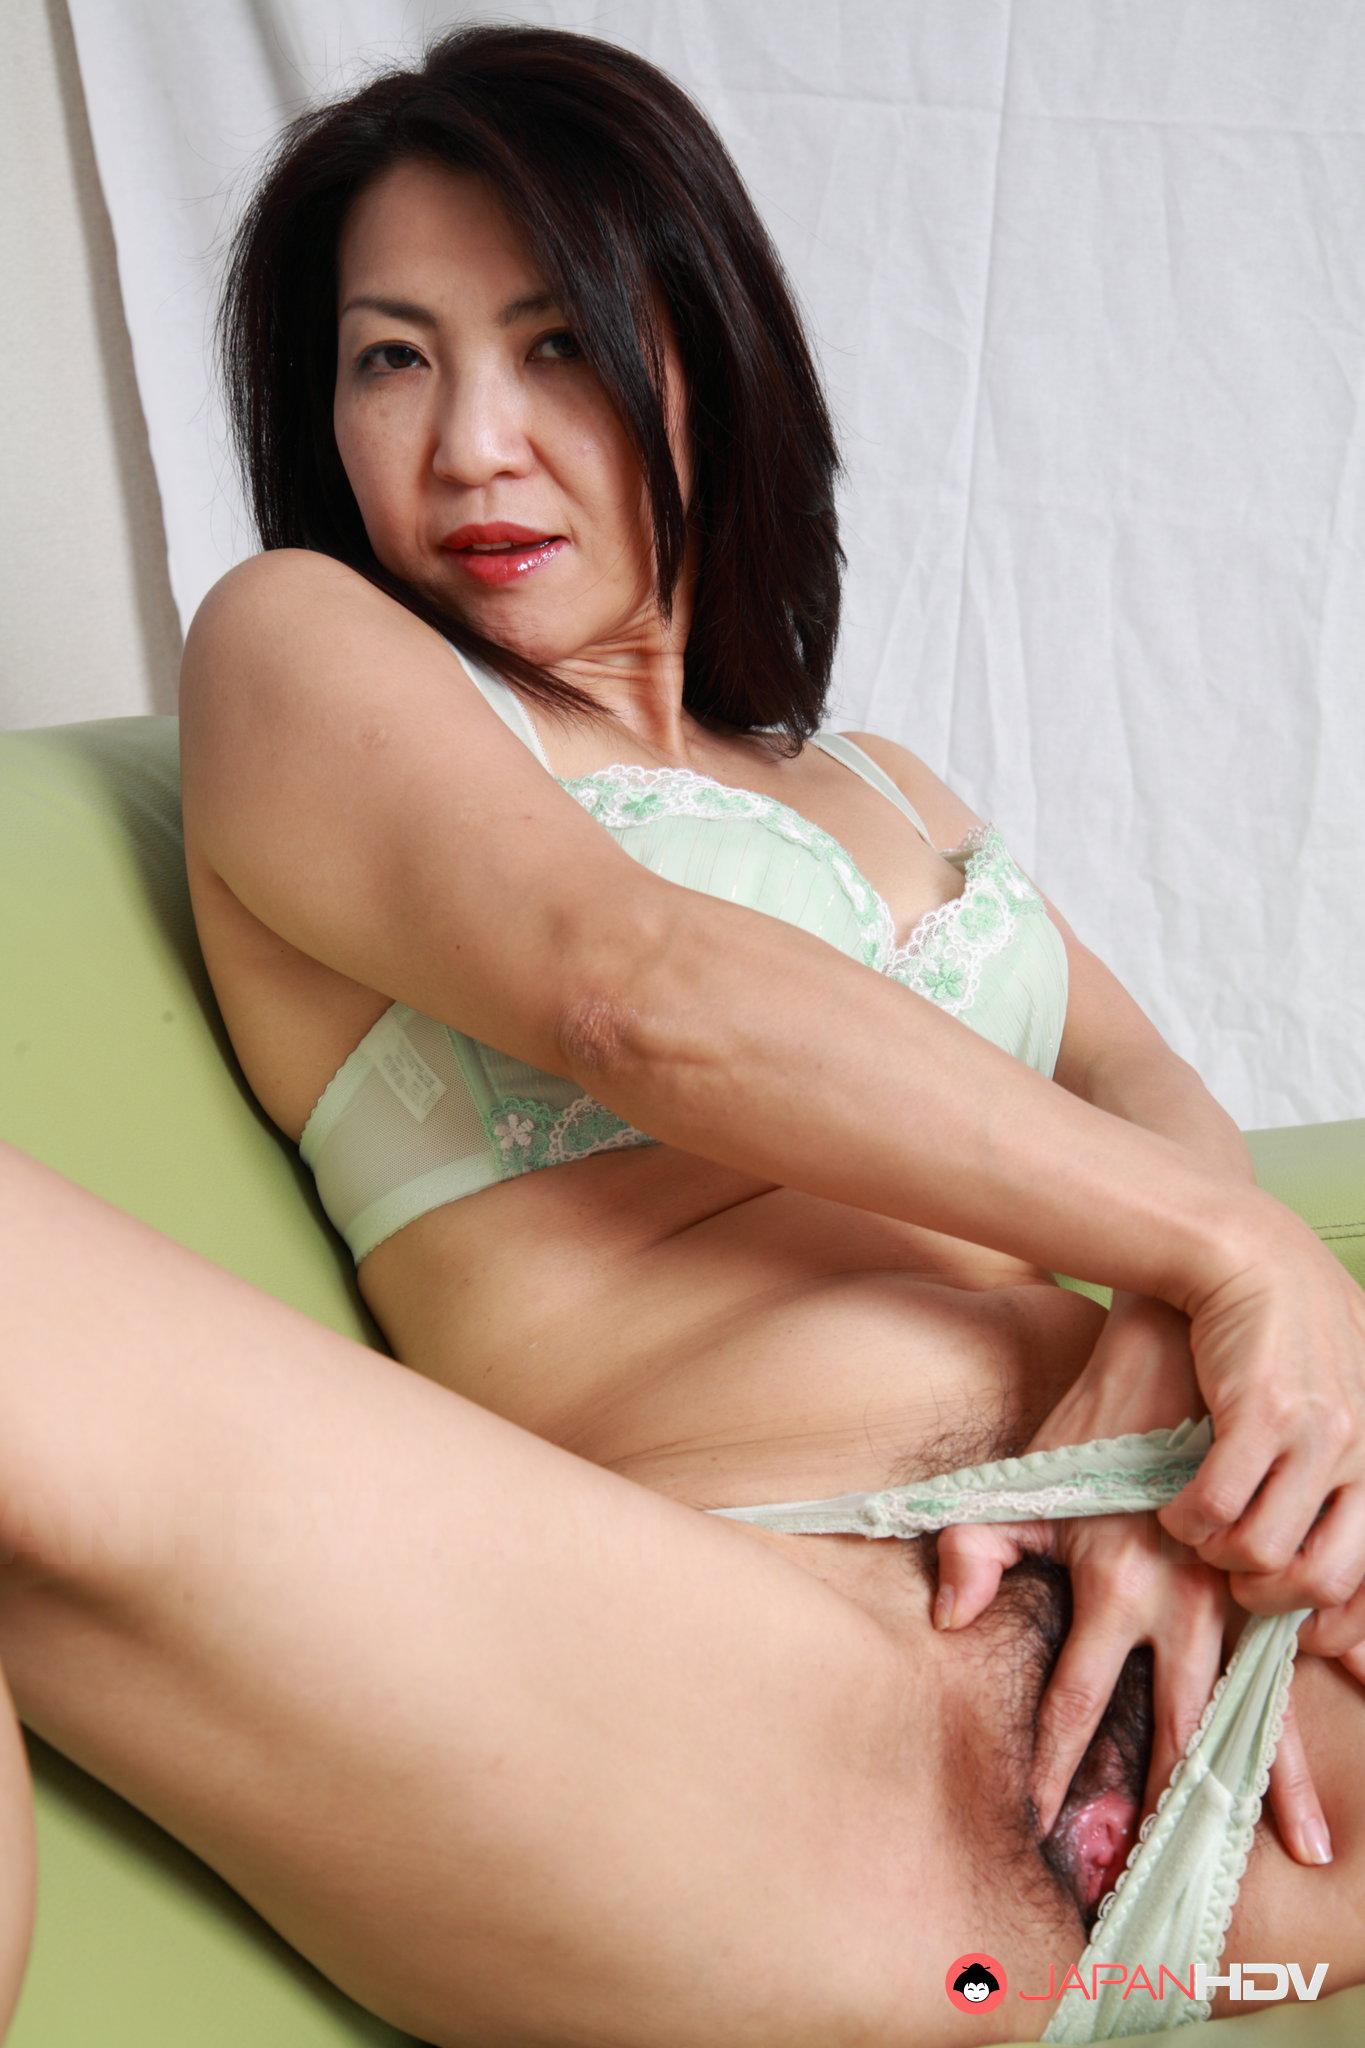 Japanese Milf Loves Cock